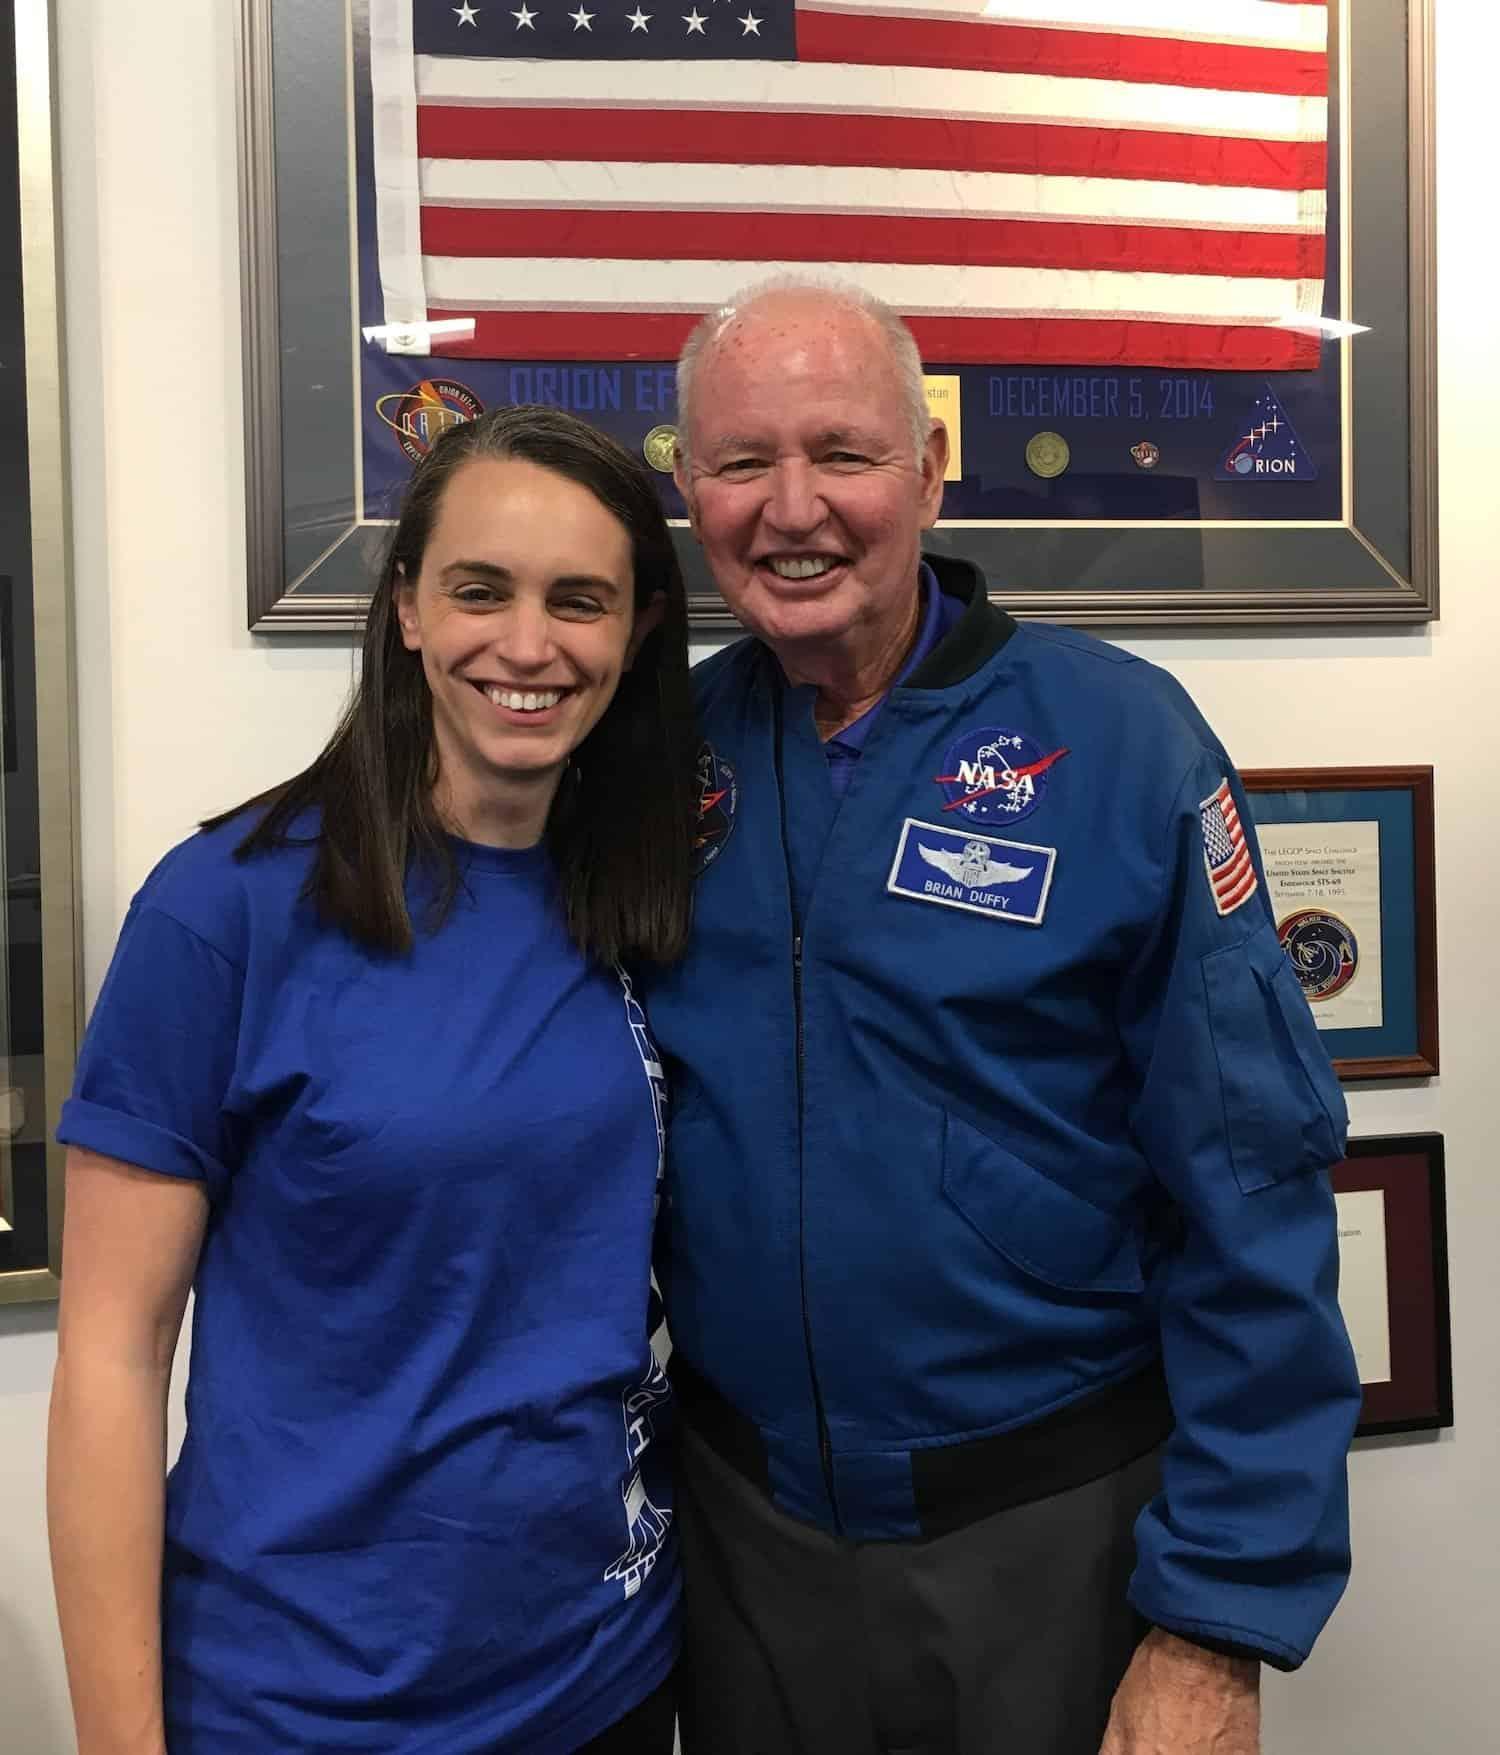 Space Tourism Bucket List - Meet an Astronaut